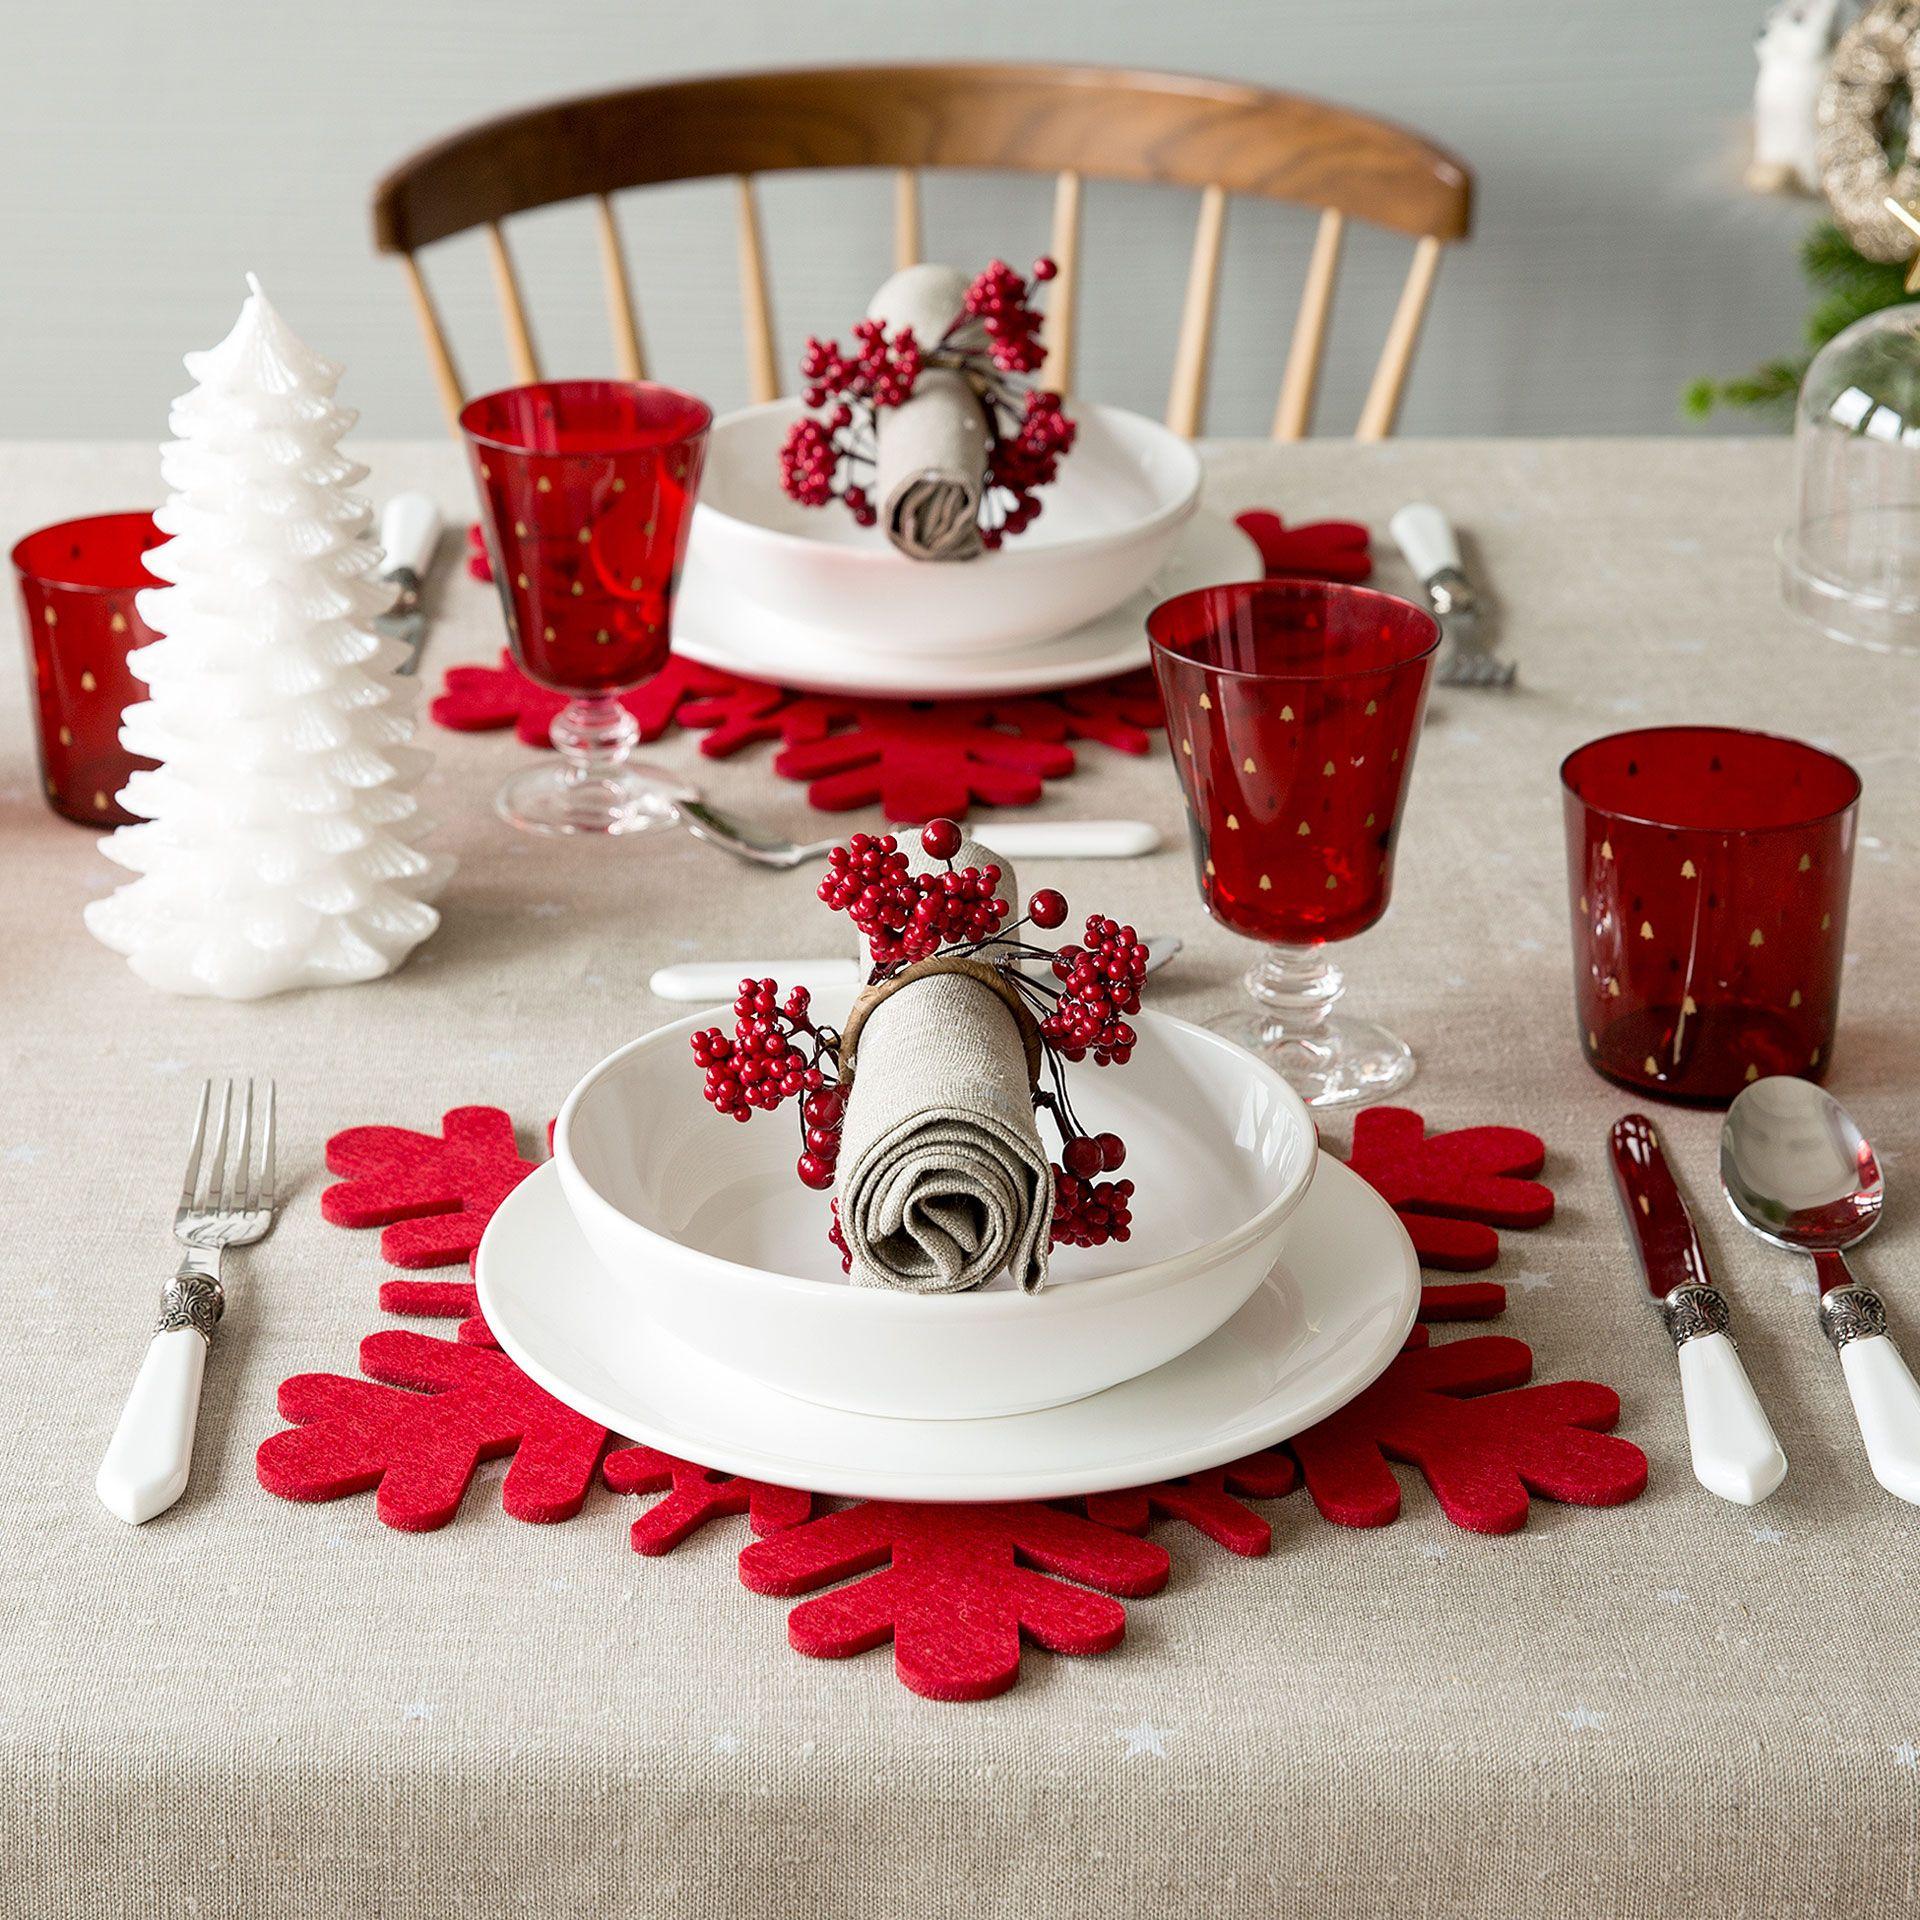 Individual fieltro rojo copo nieve  Mesa  Navidad  Zara Home Espaa  Bao  Pinterest  Fieltro rojo Nieve y Zara